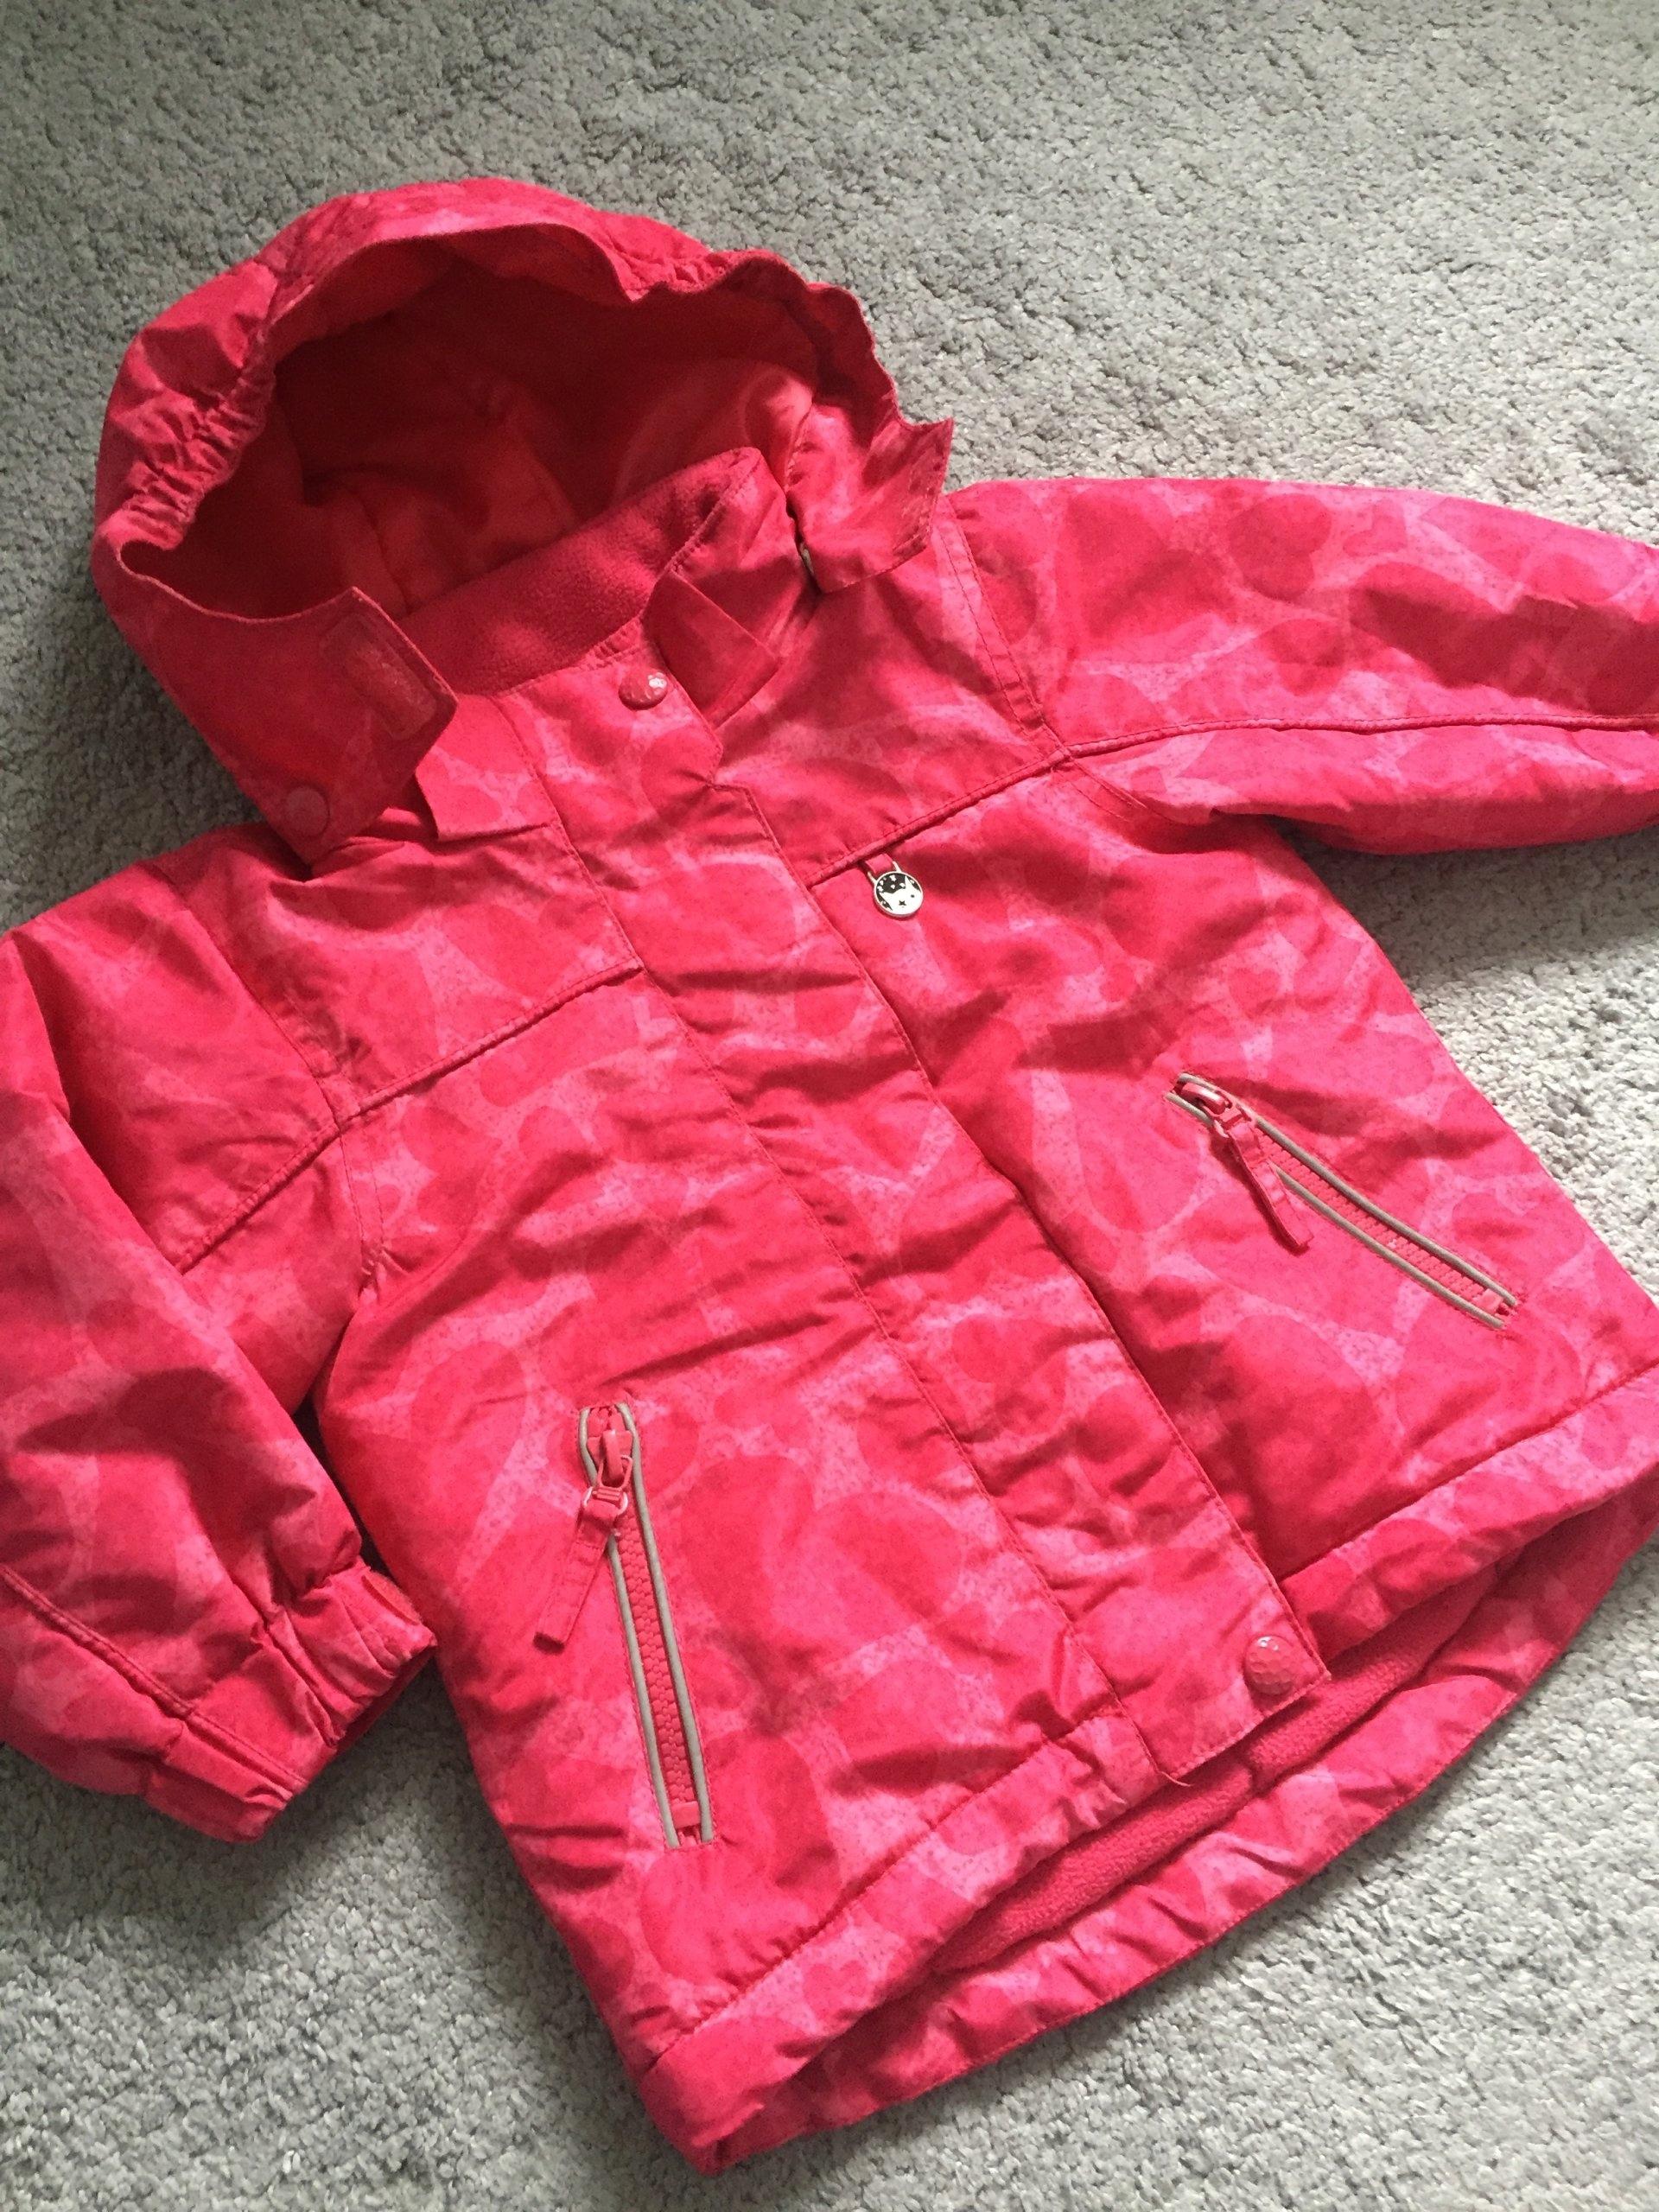 de3e5b5d1b826 Zimowa kurtka Reserved dziewczynka r.86 róż - 7433679402 - oficjalne ...